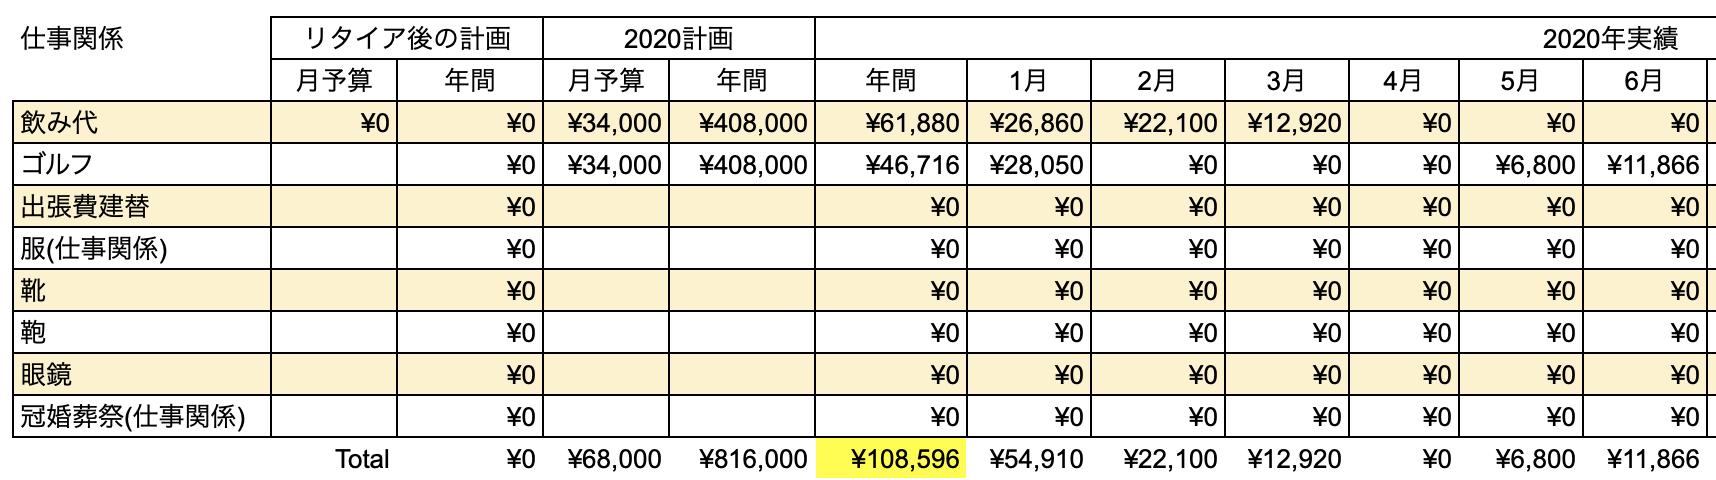 支出実績2020_06月_仕事関係費